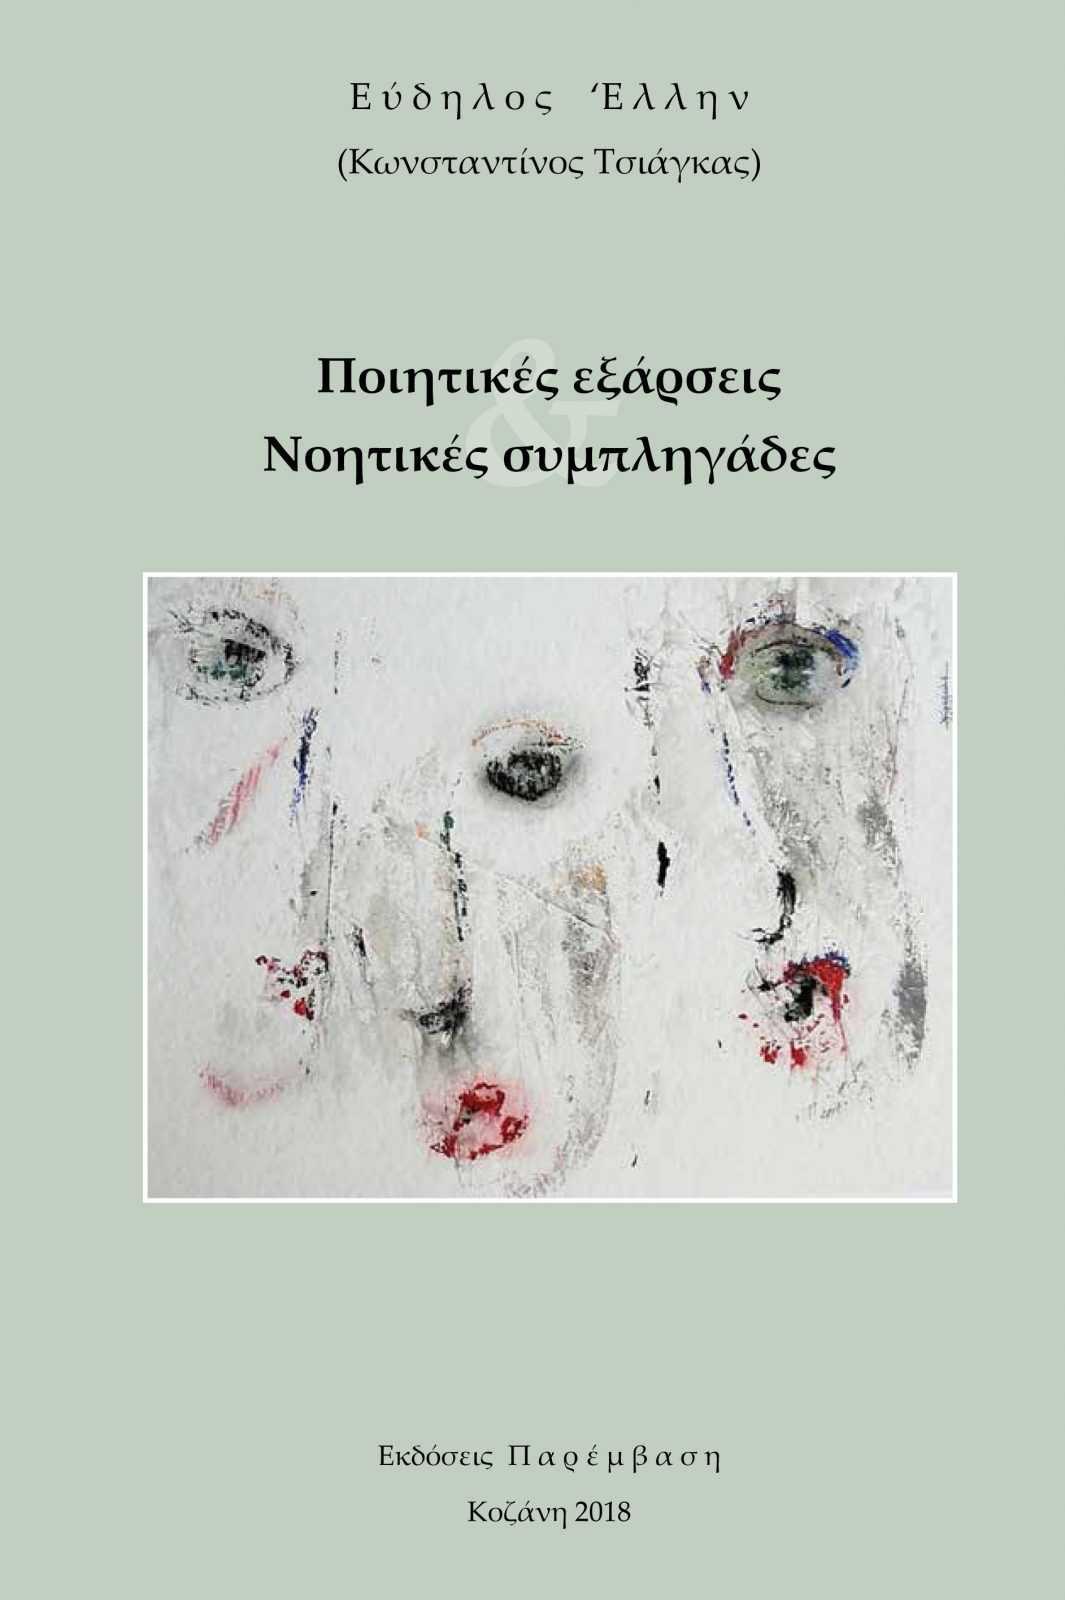 Παρουσίαση ποιητικής συλλογής του Κων/νου Τσιάγκα στις 29 Νοεμβρίου